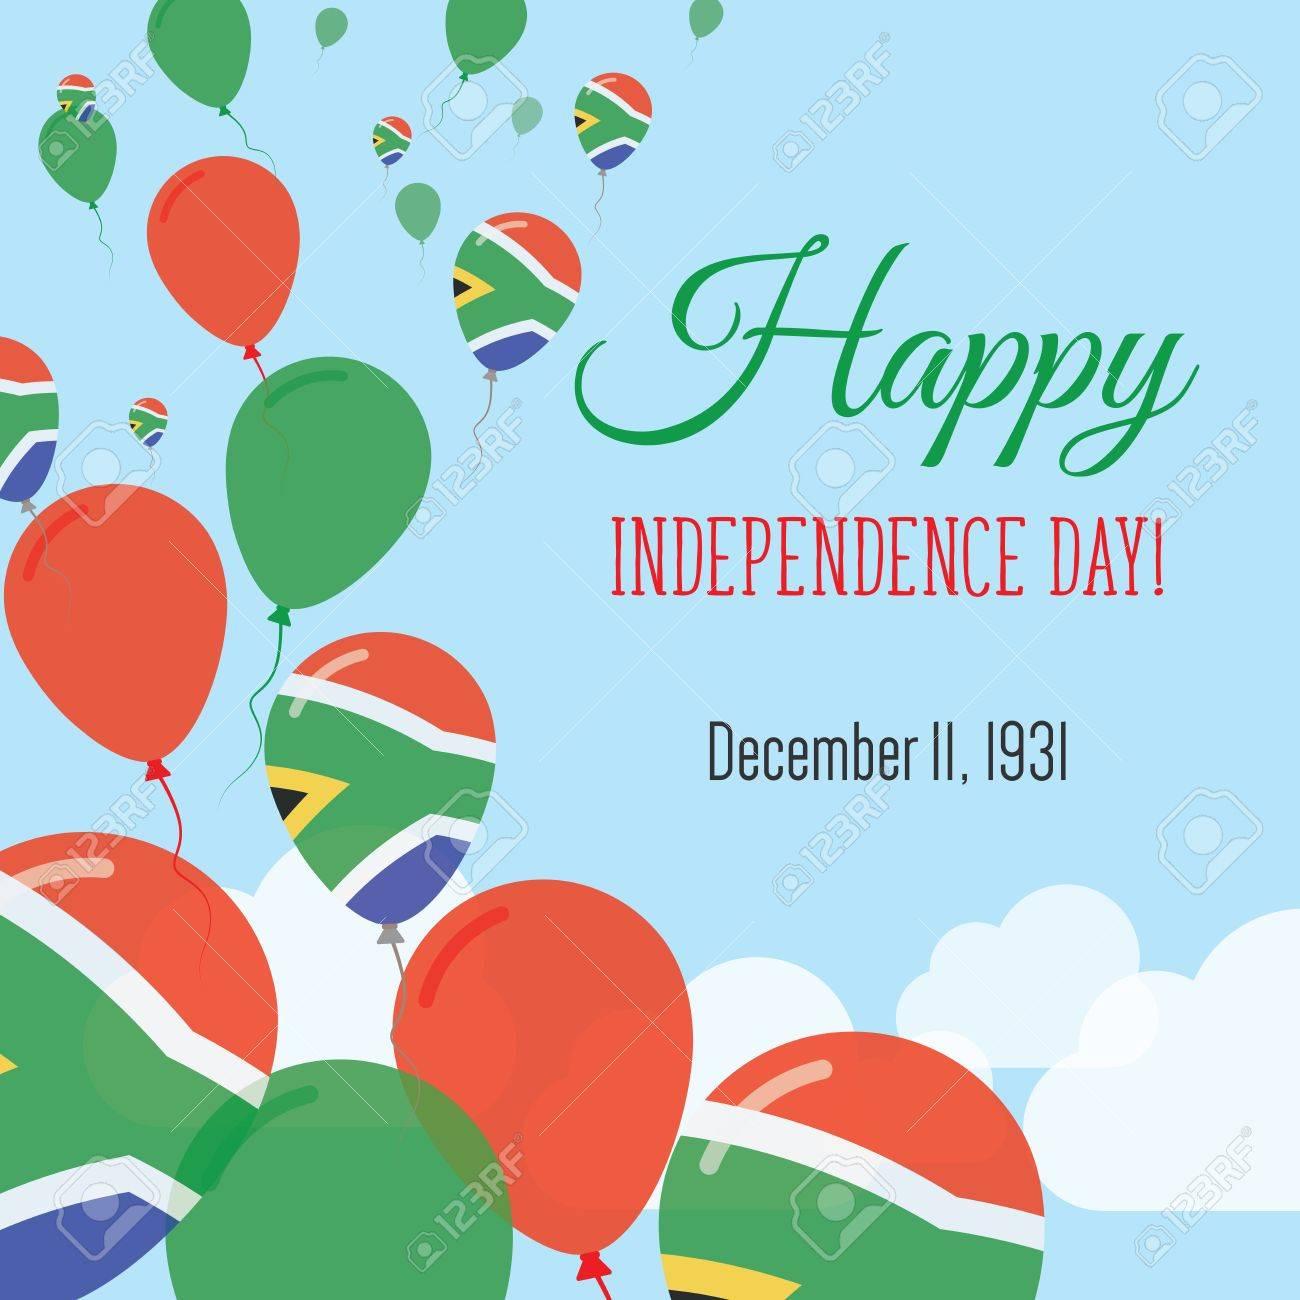 Carte De Fete Afrique.Carte De Voeux Plate De Jour De L Independance Jour De L Independance De L Afrique Du Sud Affiche Patriotique De Ballons De Drapeau Sud Africain